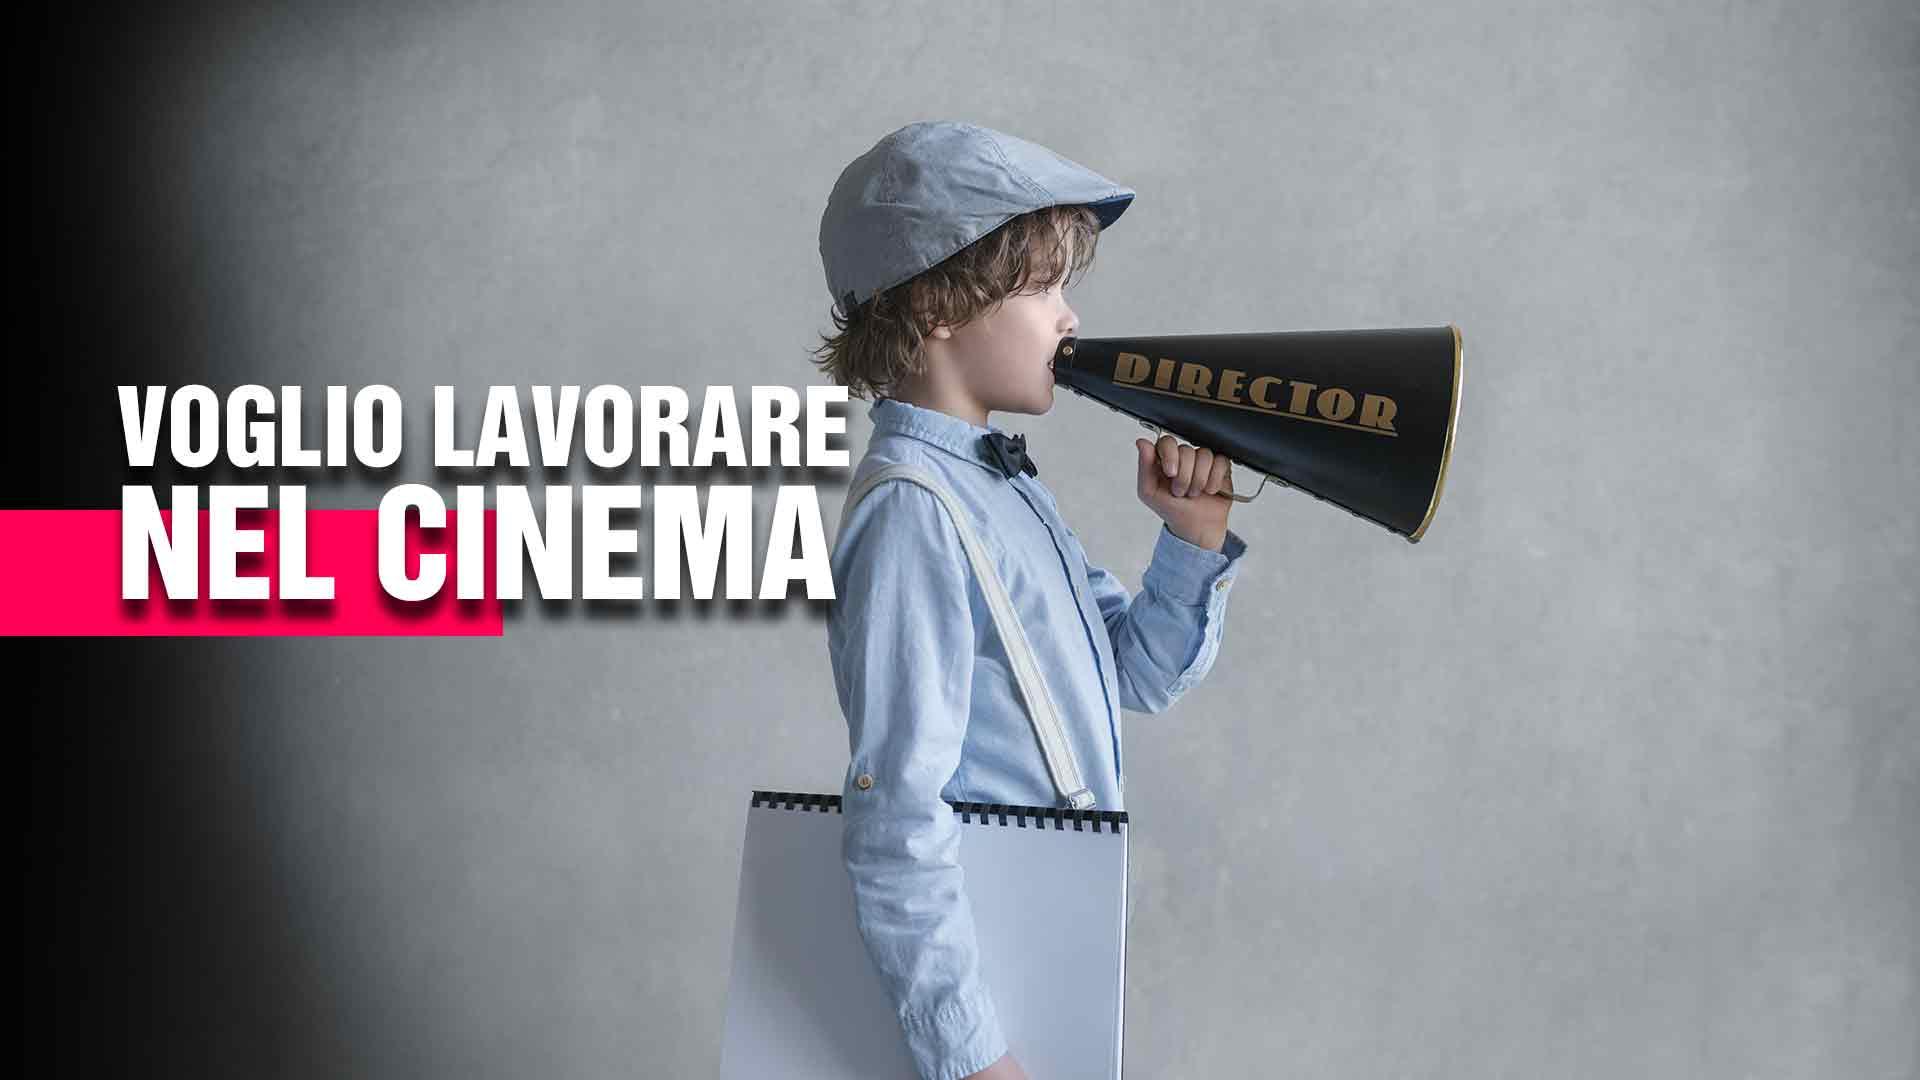 lavorare nel cinema